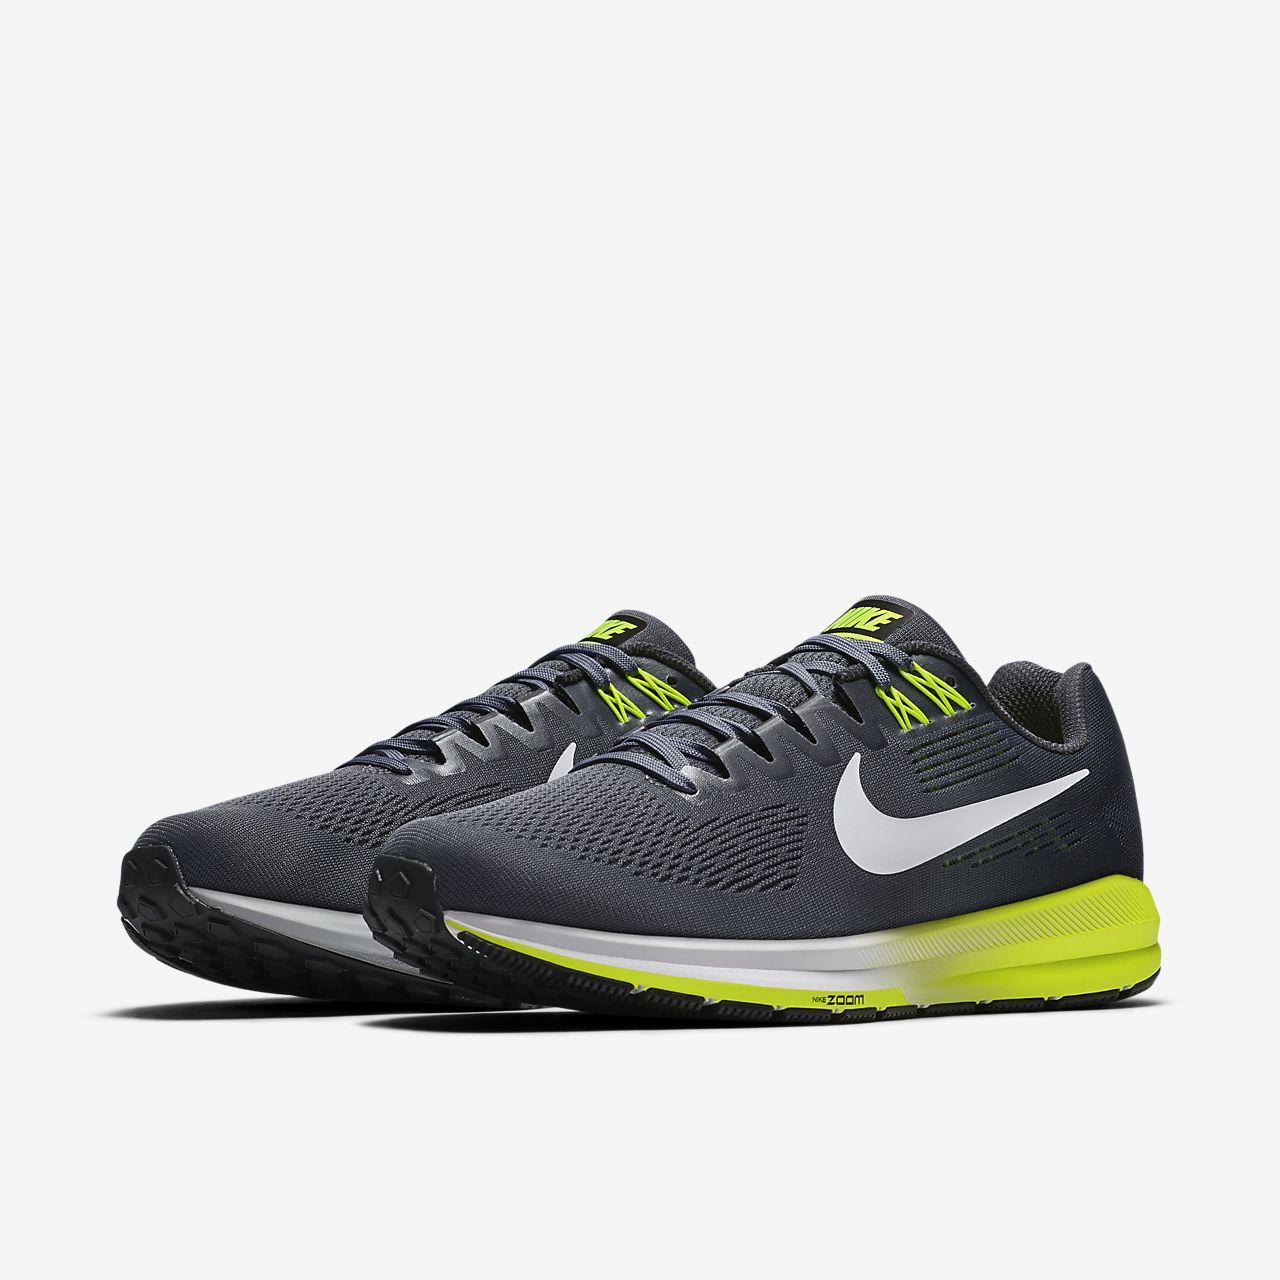 combien en ligne Nike Structure Zoom Air 19 Extra Large vente authentique se frais achats en Chine sortie 100% authentique ev4iSEuYT